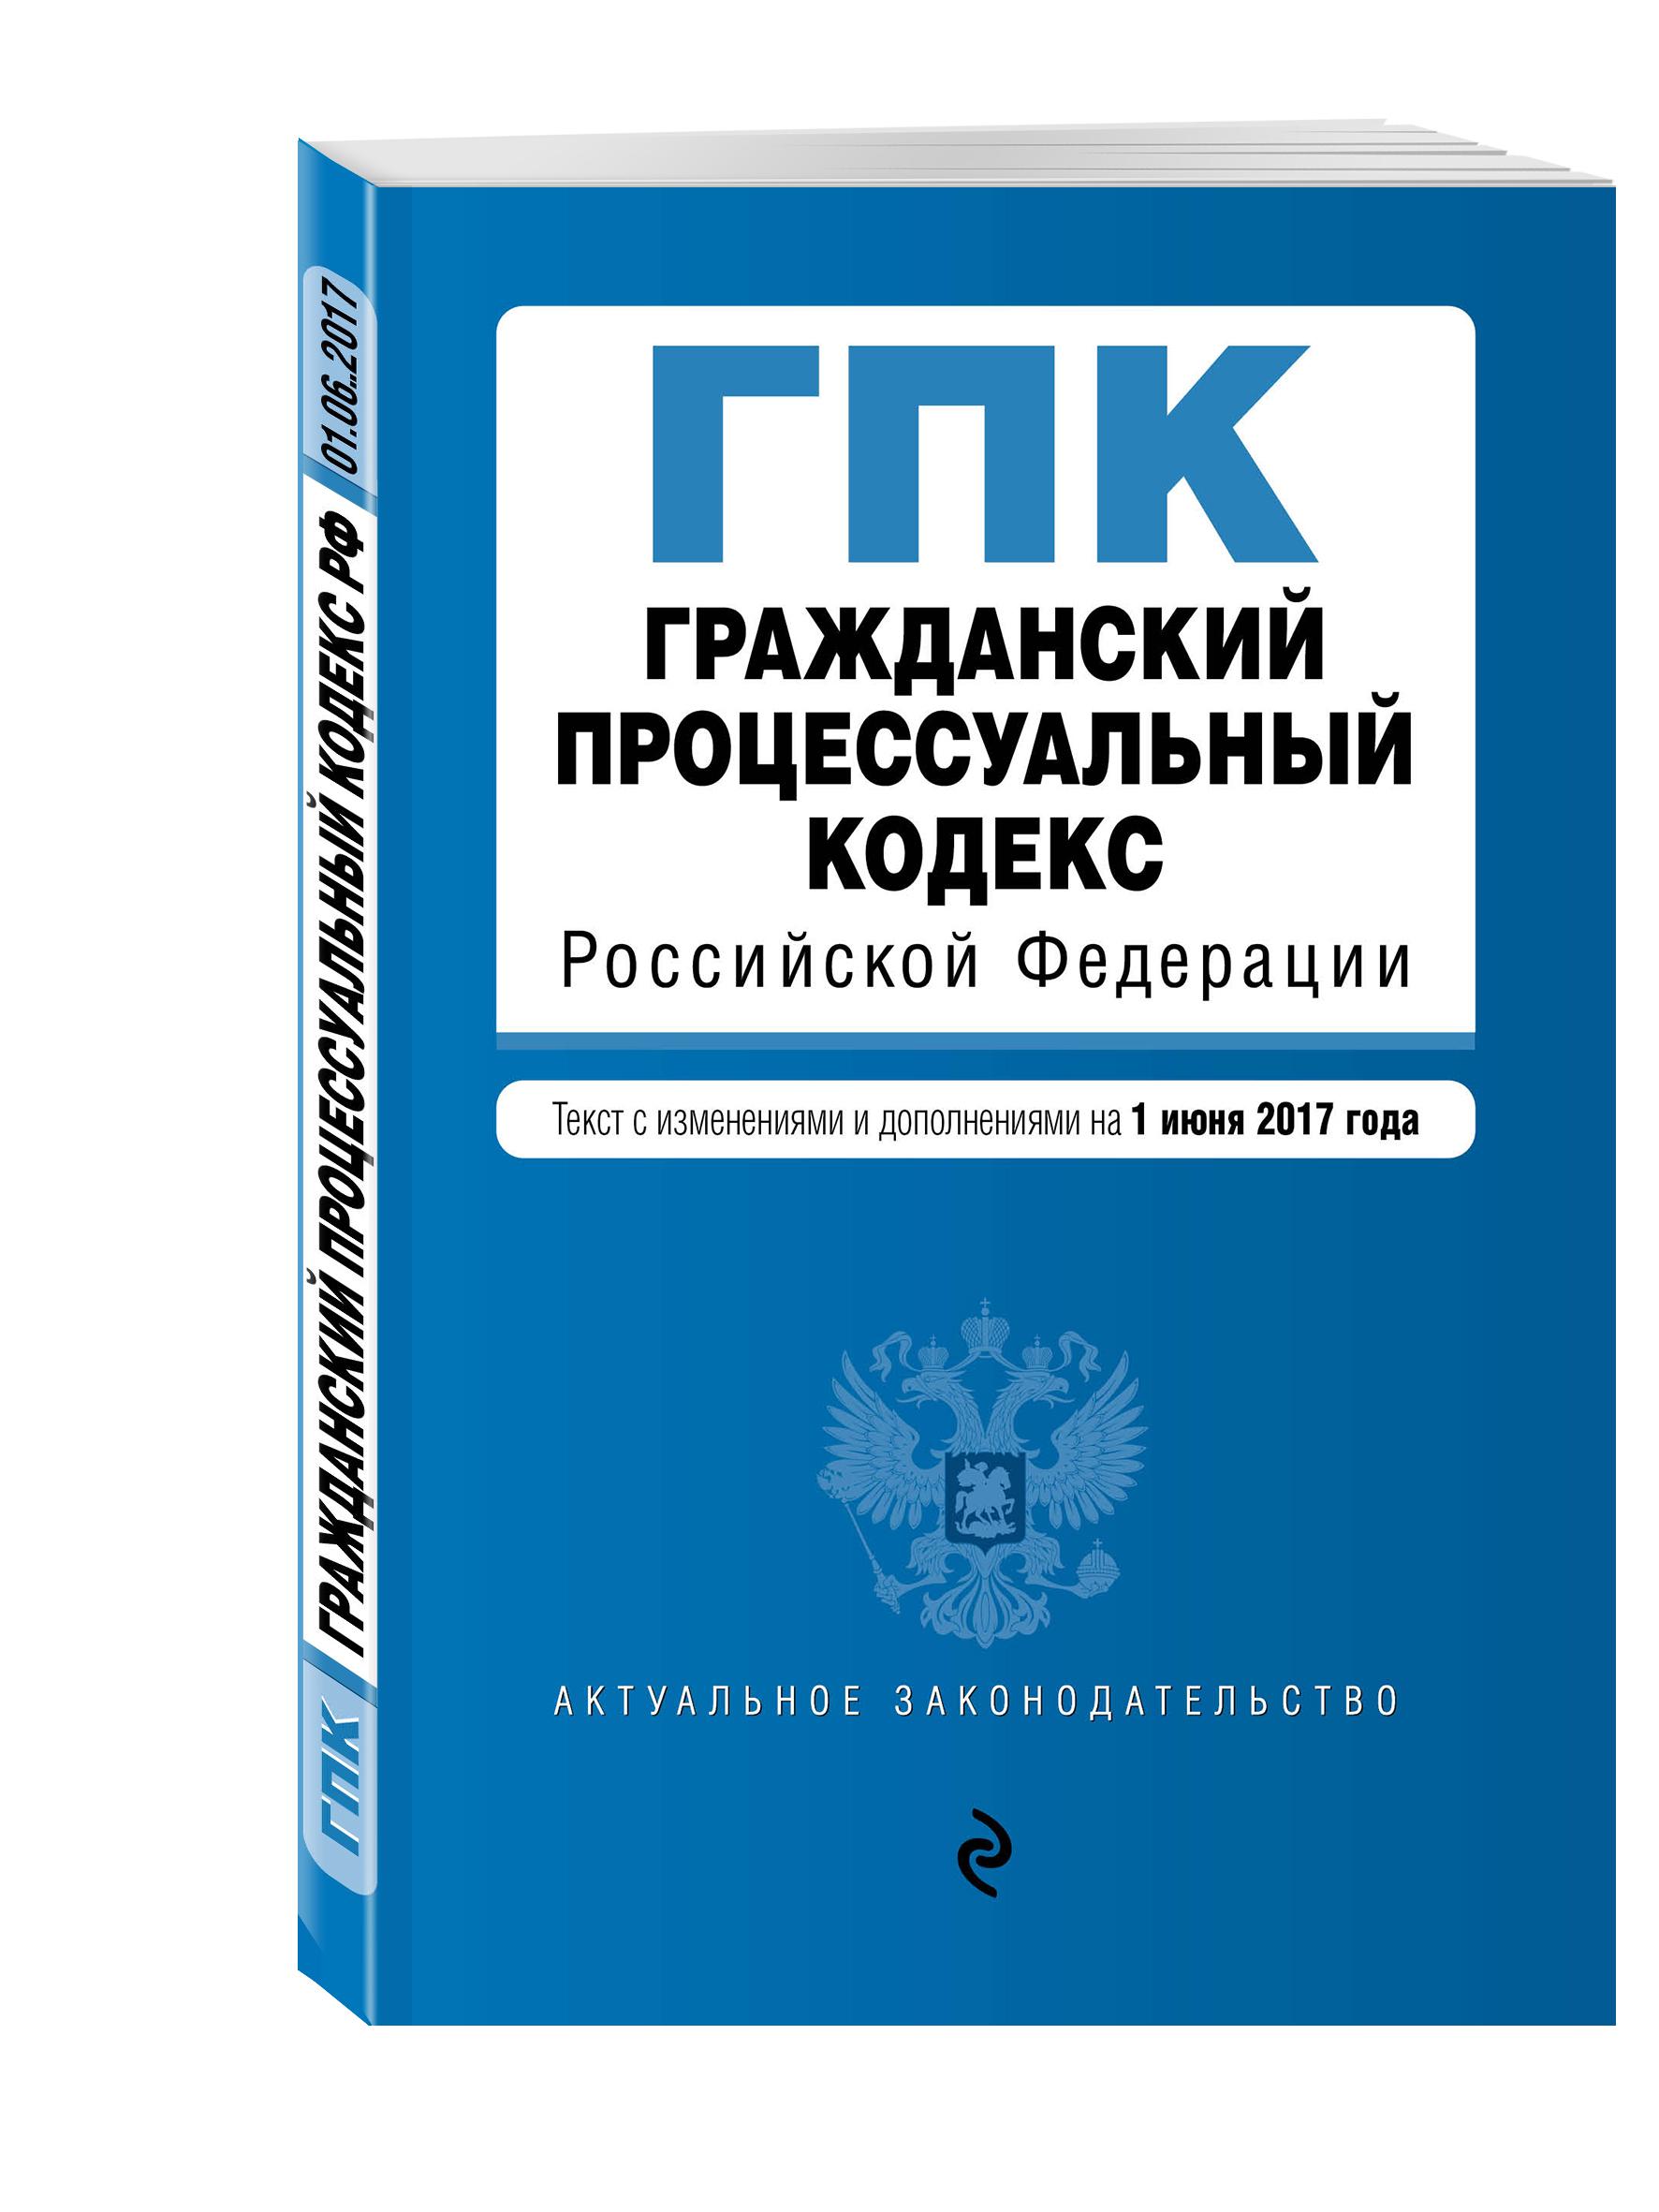 Гражданский процессуальный кодекс Российской Федерации : текст с изм. и доп. на 1 июня 2017 г.